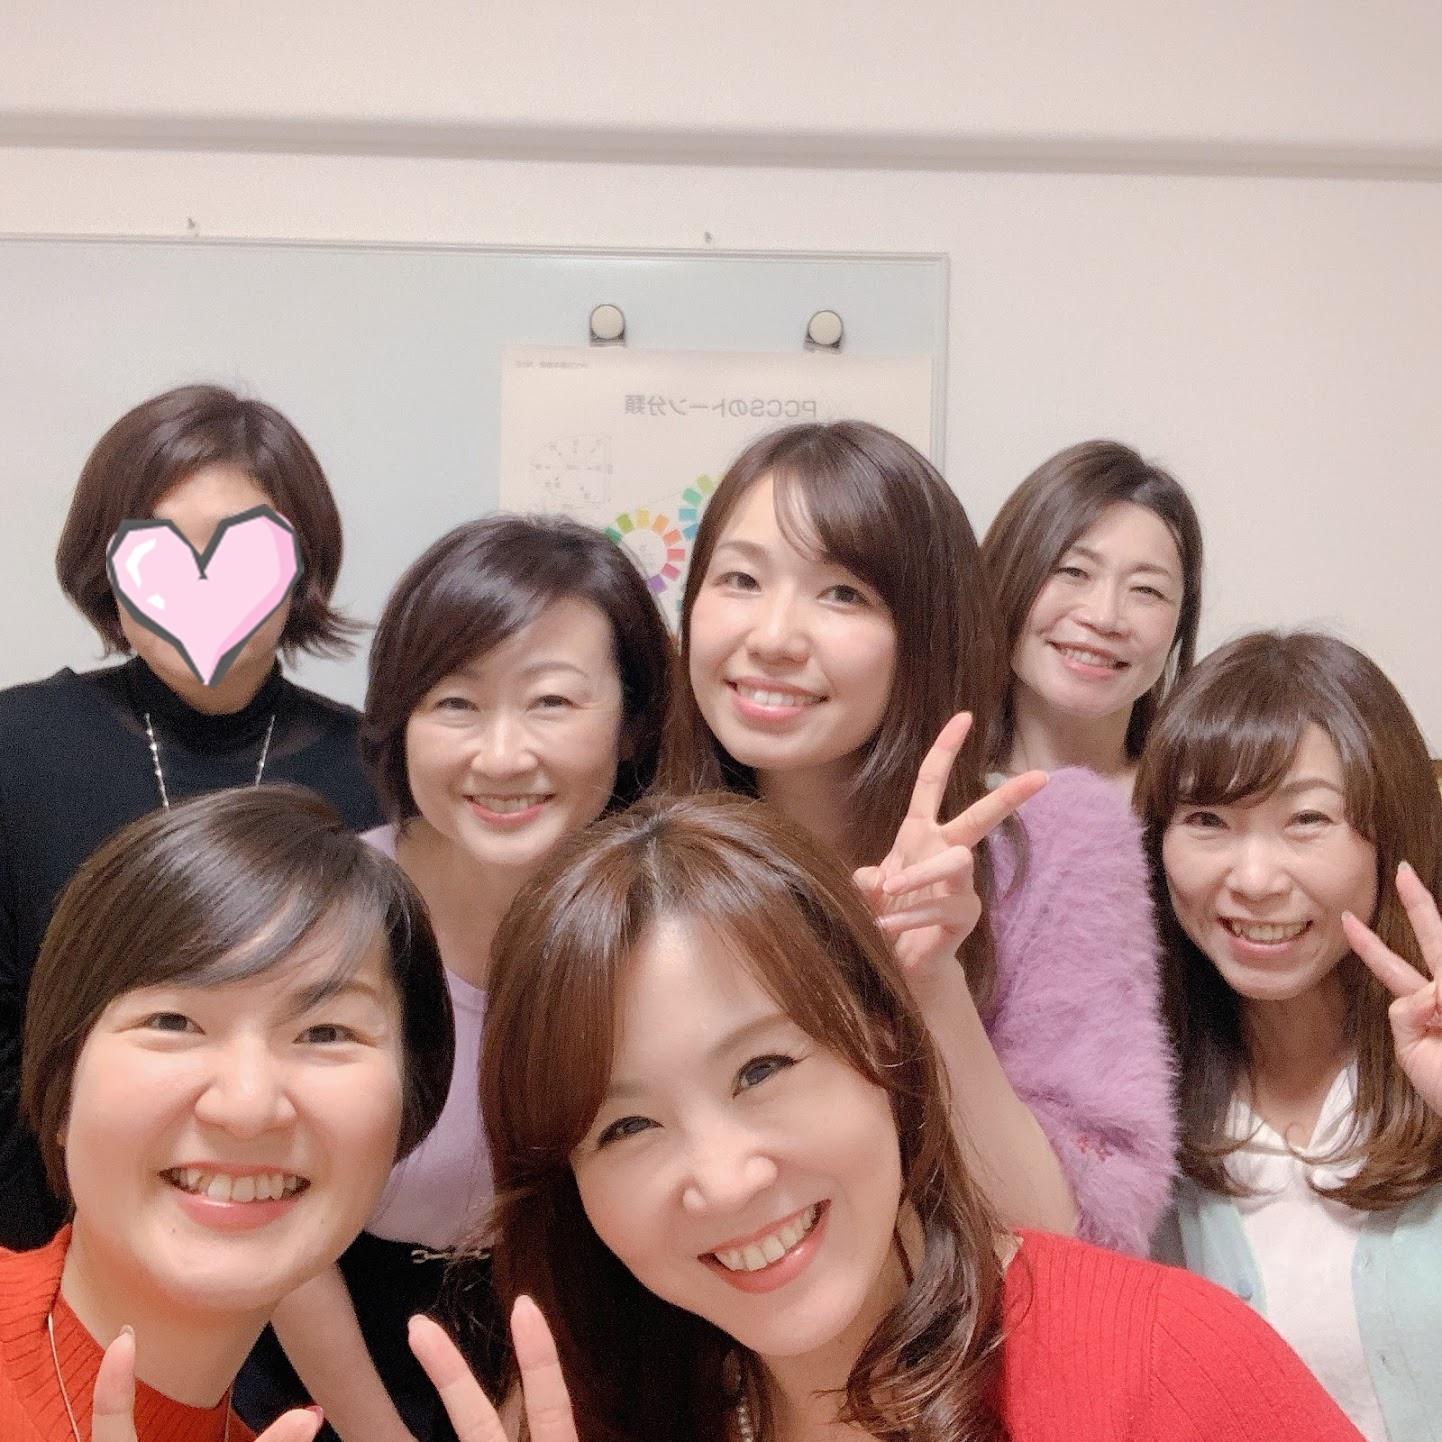 東京・青山のパーソナルカラーアナリスト養成講座ならパーソナルカラーアナリスト養成講座サロン・ド・ルミエール